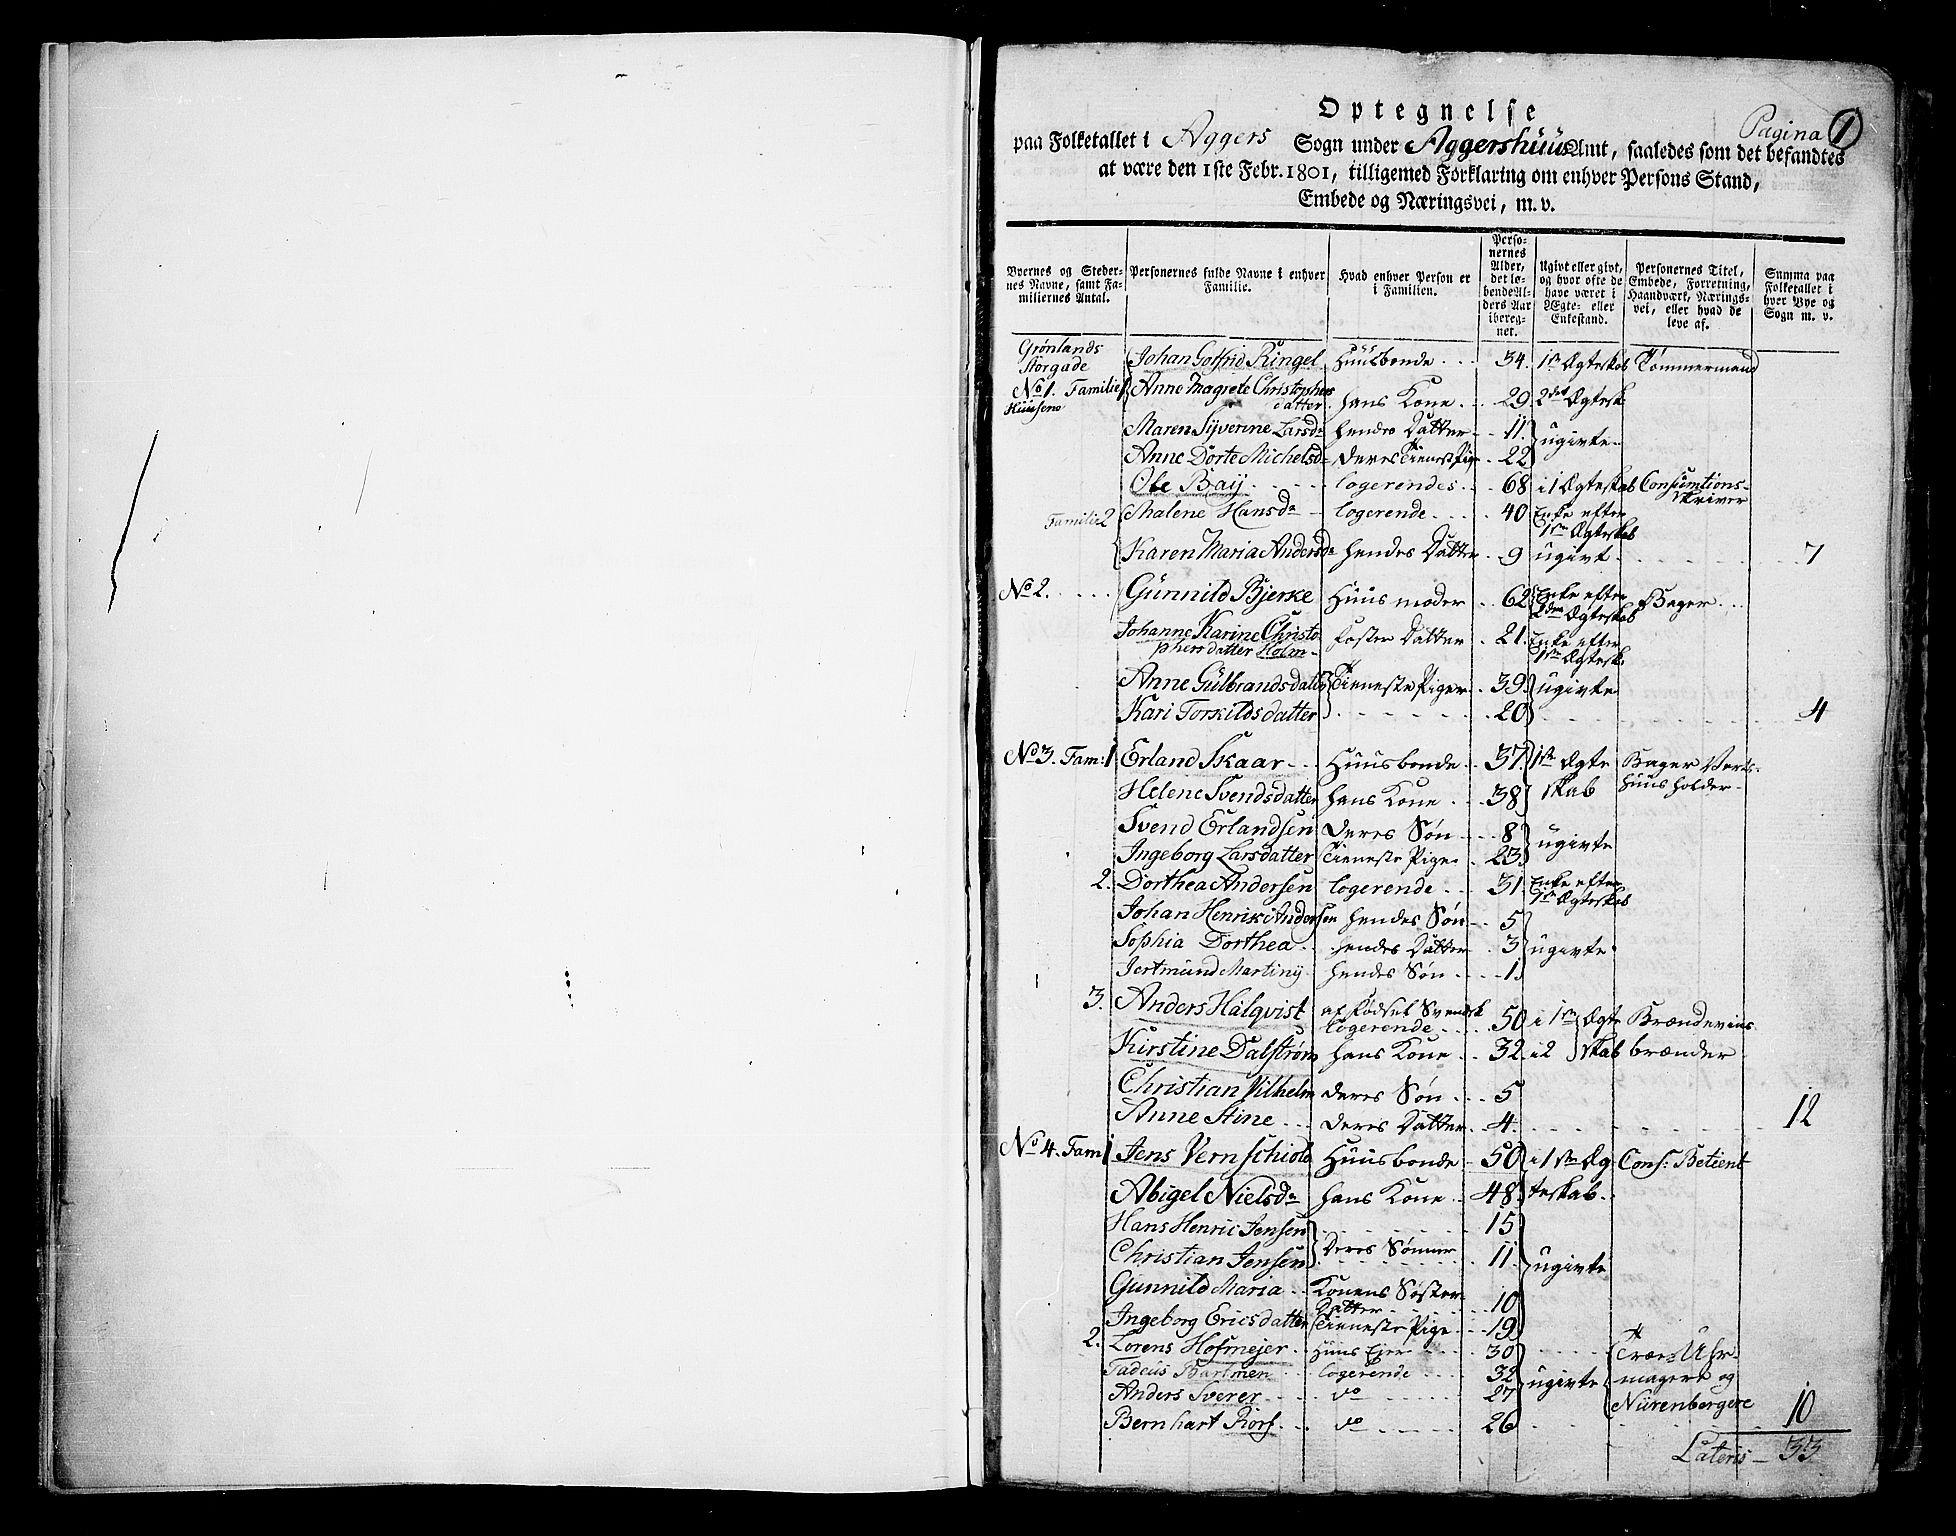 RA, Folketelling 1801 for 0218aP Aker prestegjeld, 1801, s. 1a